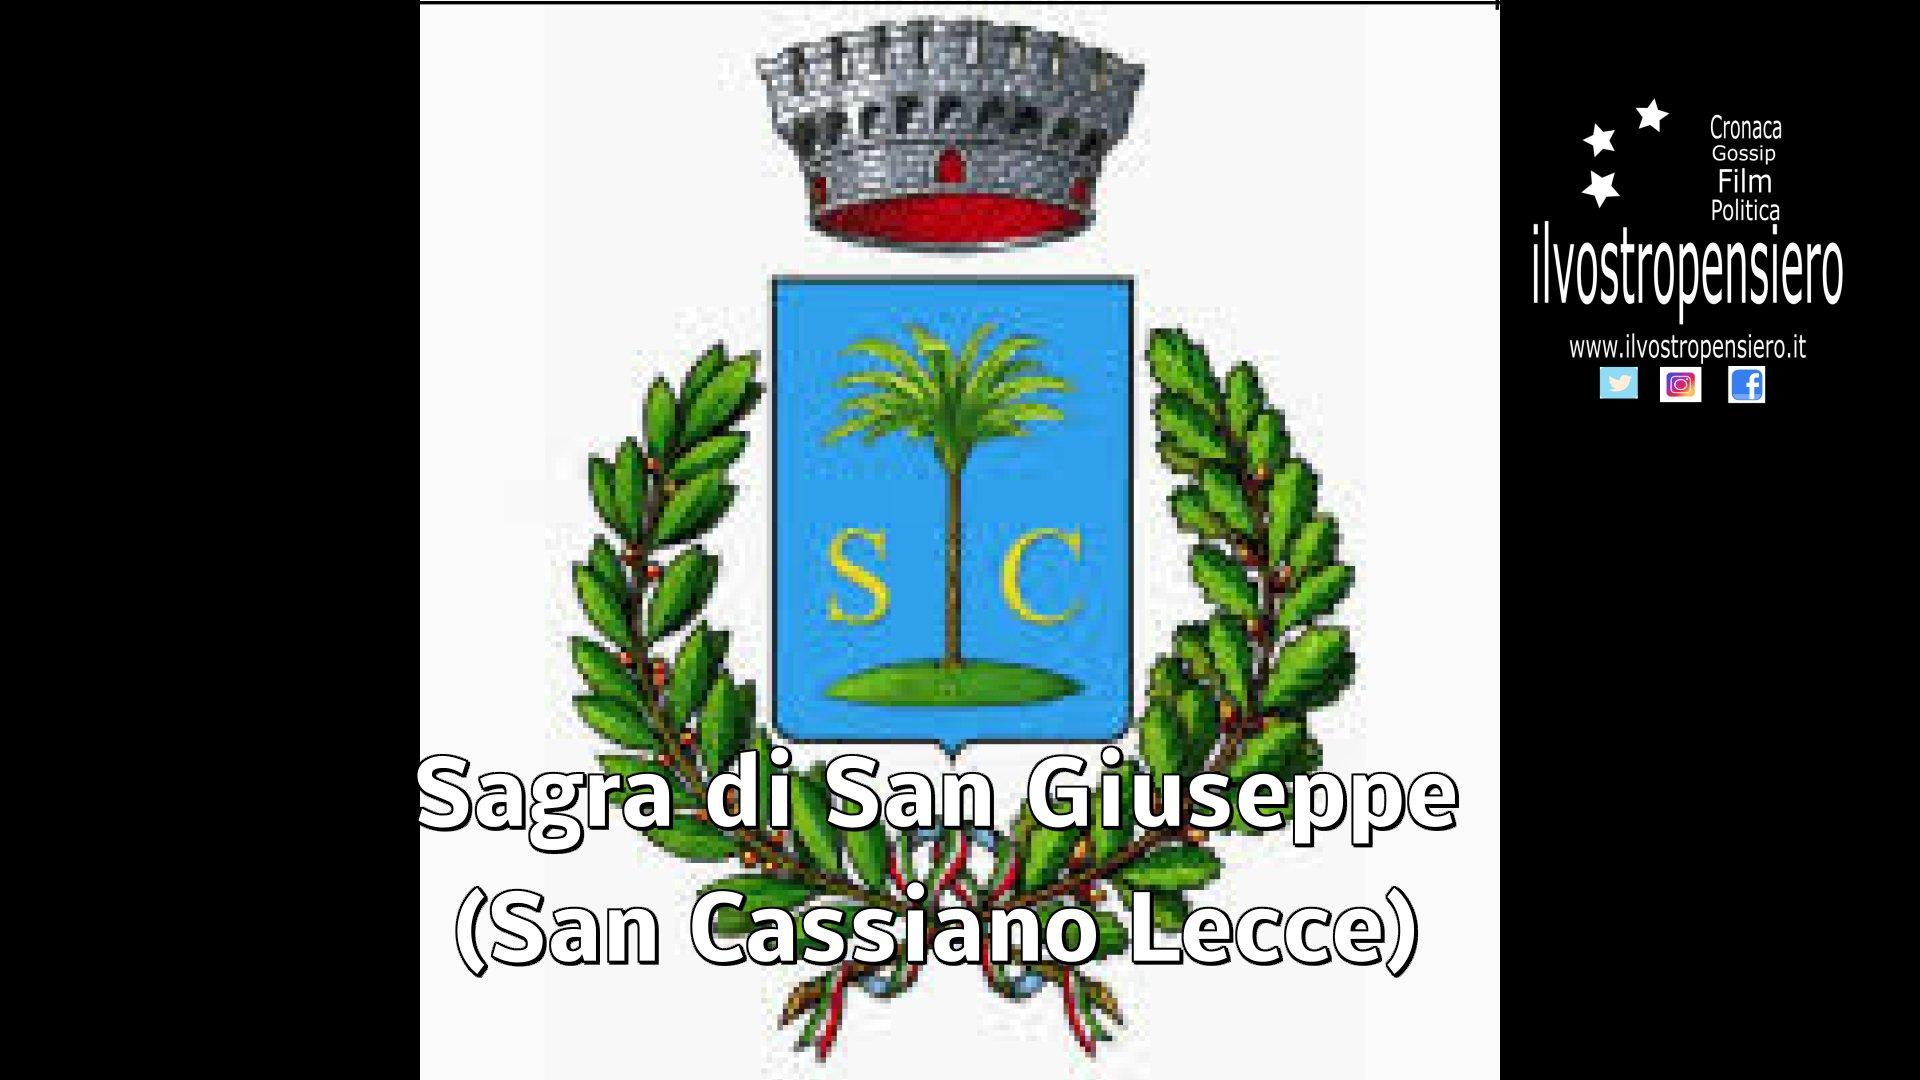 #SagraSanGiuseppe Concertone - Gianfranco FraKatame (San Cassiano Lecce) (Guarda il video)